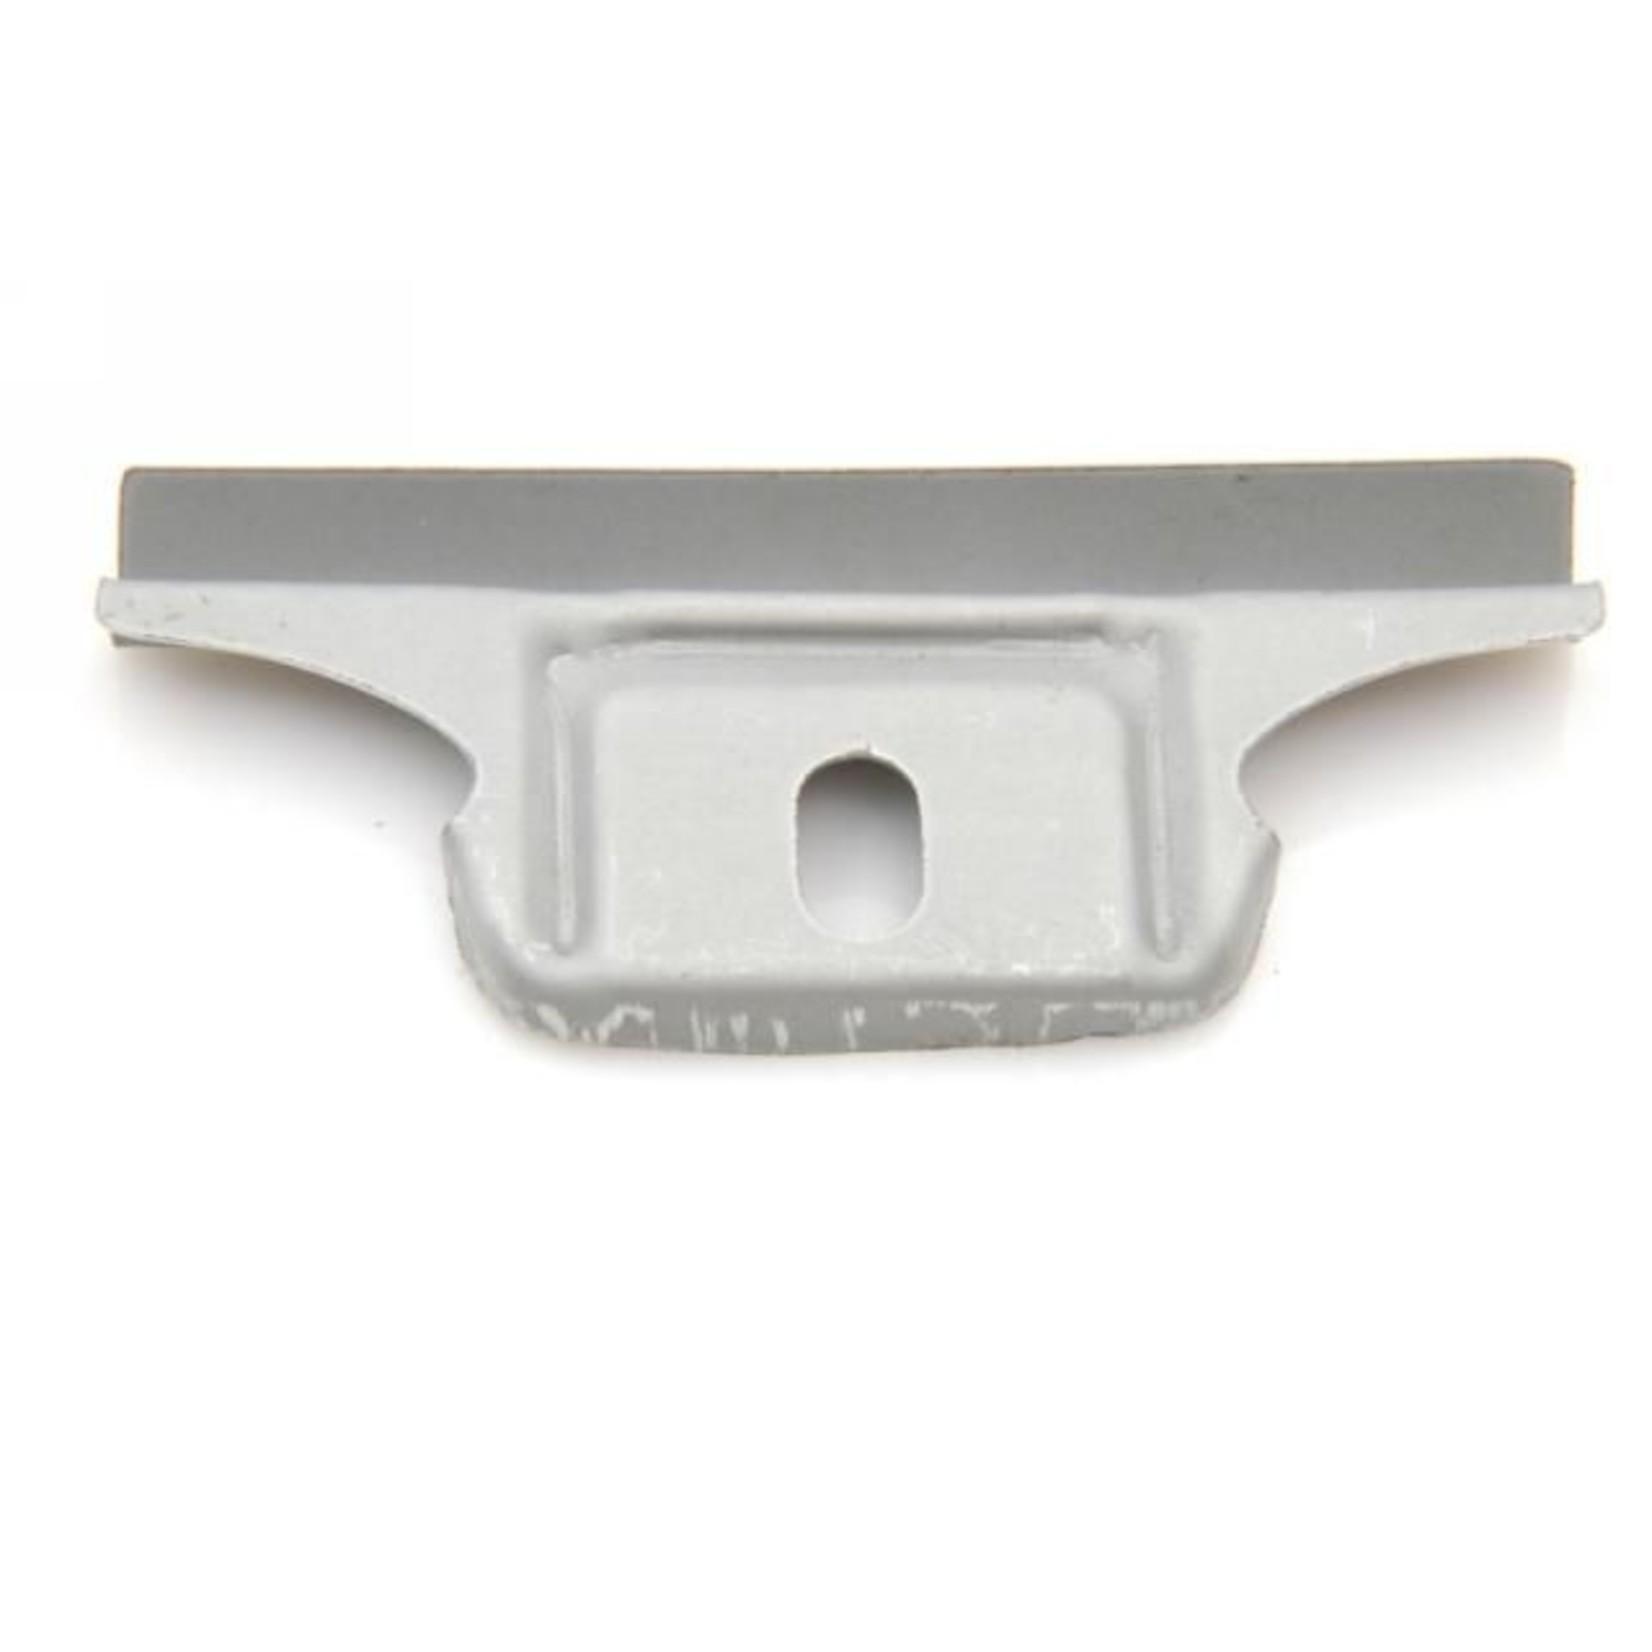 Securing bracket roof central Nr Org: 5433739